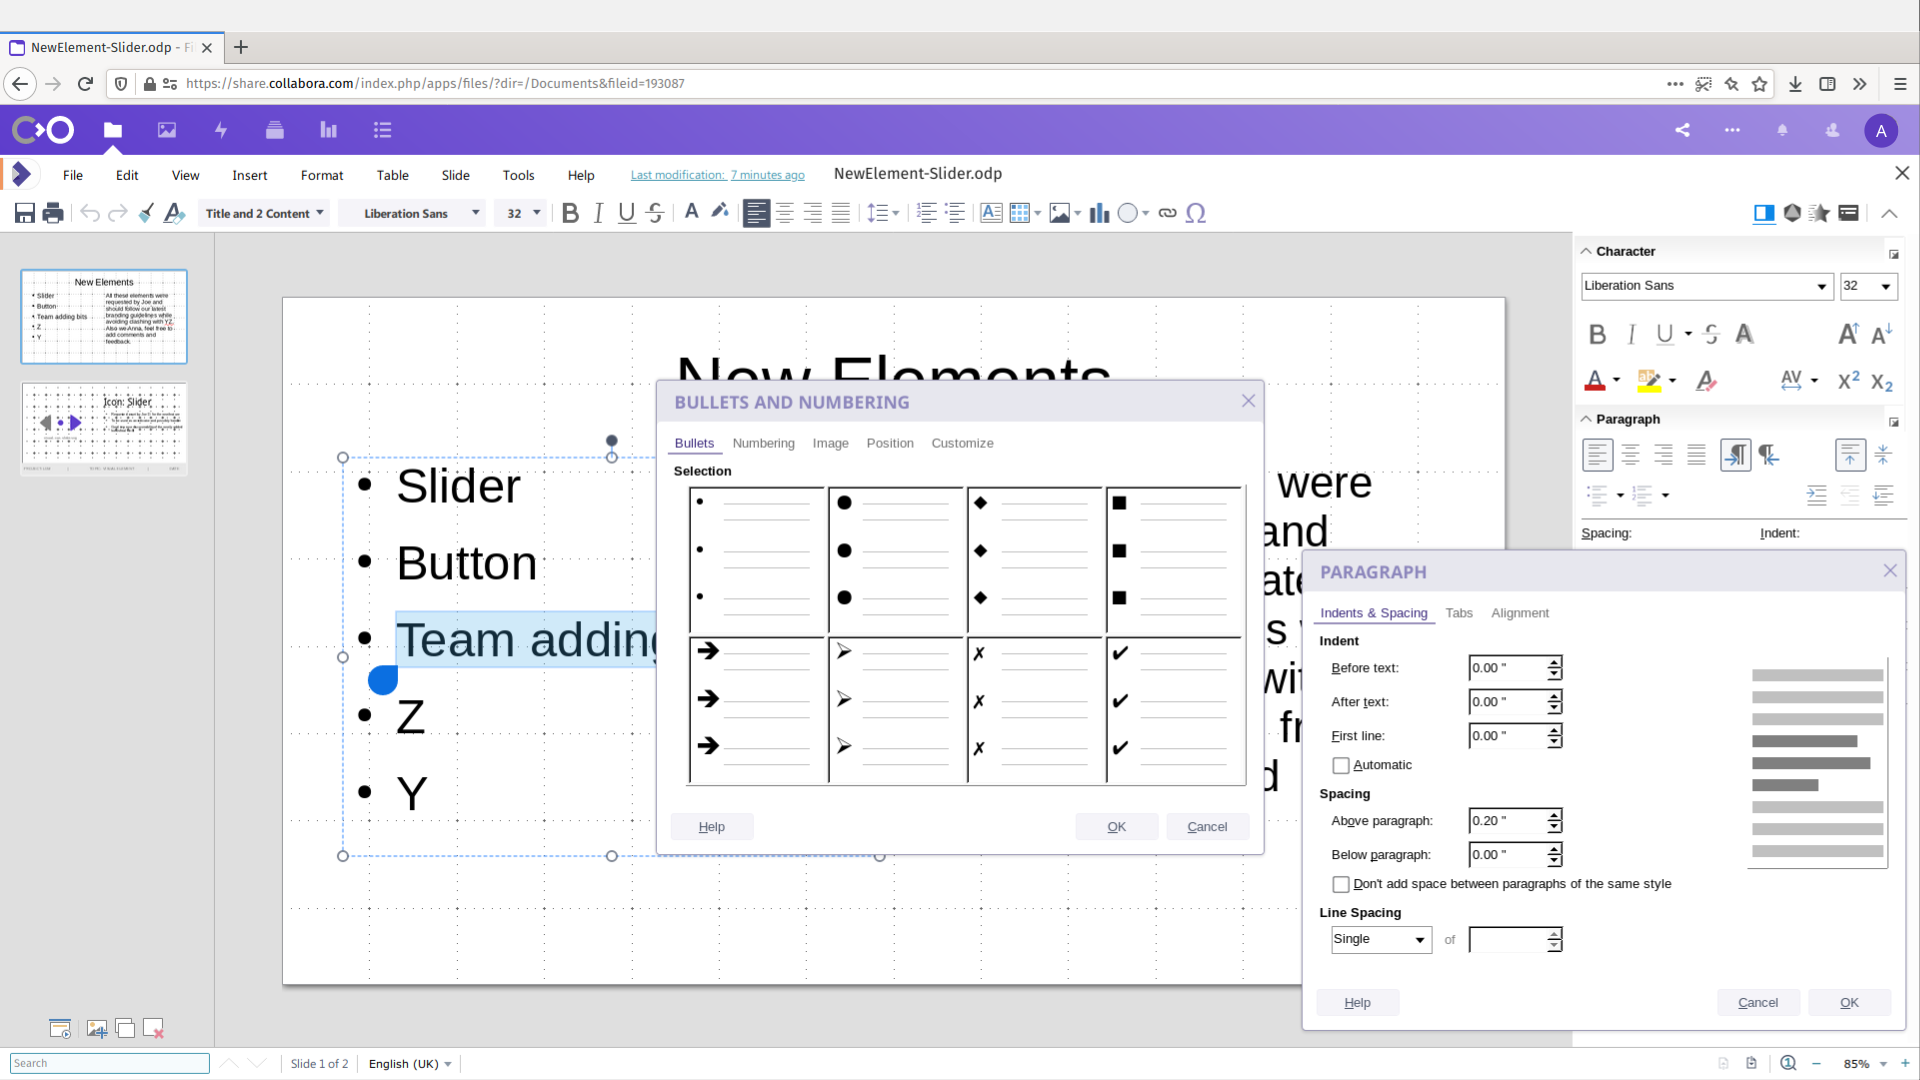 LGM2020 slide: Collabora Online DTP advanced features